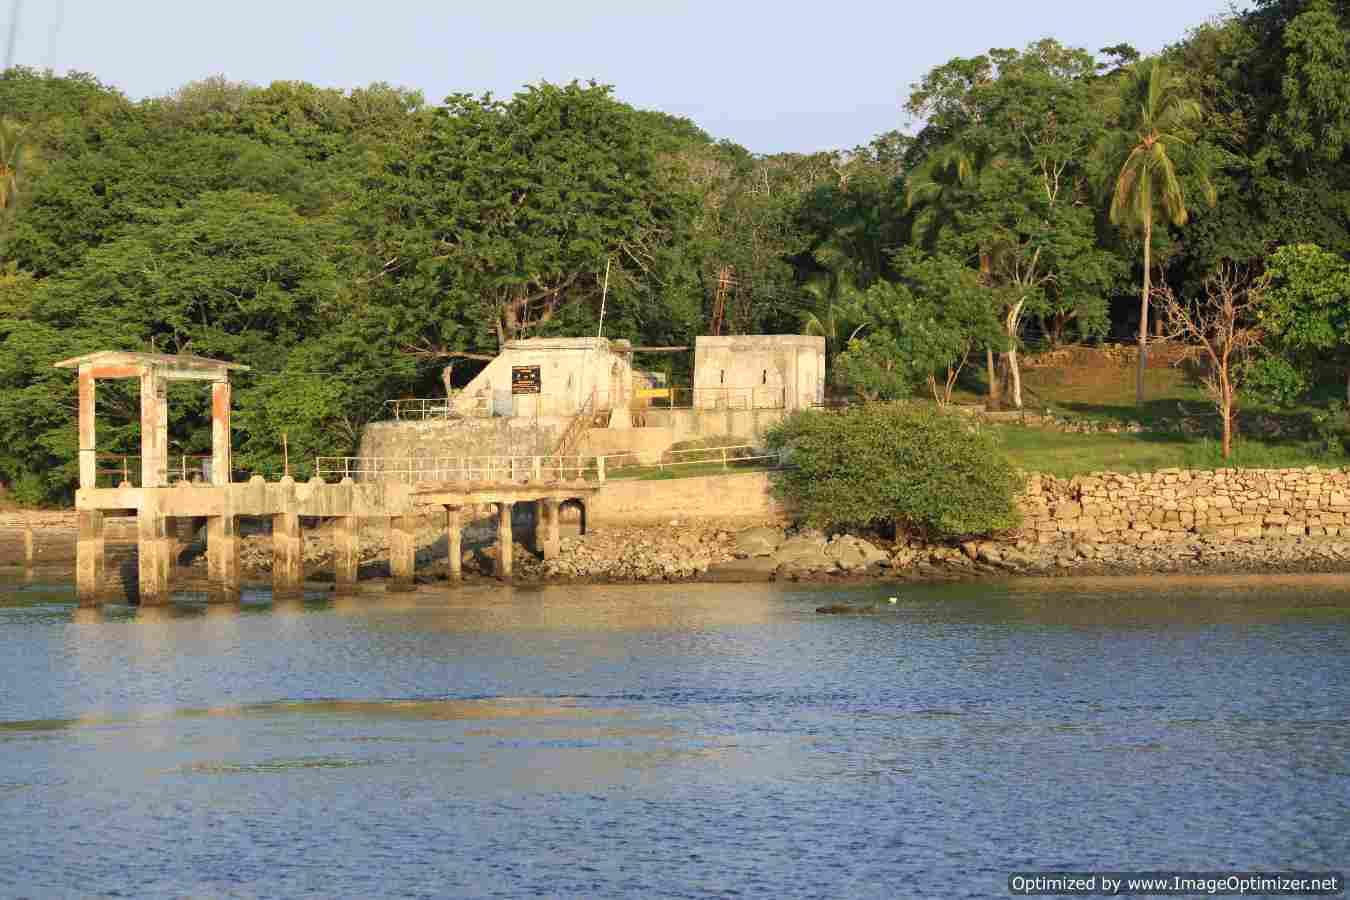 Costa Rica Prison to Become Tourist Destination